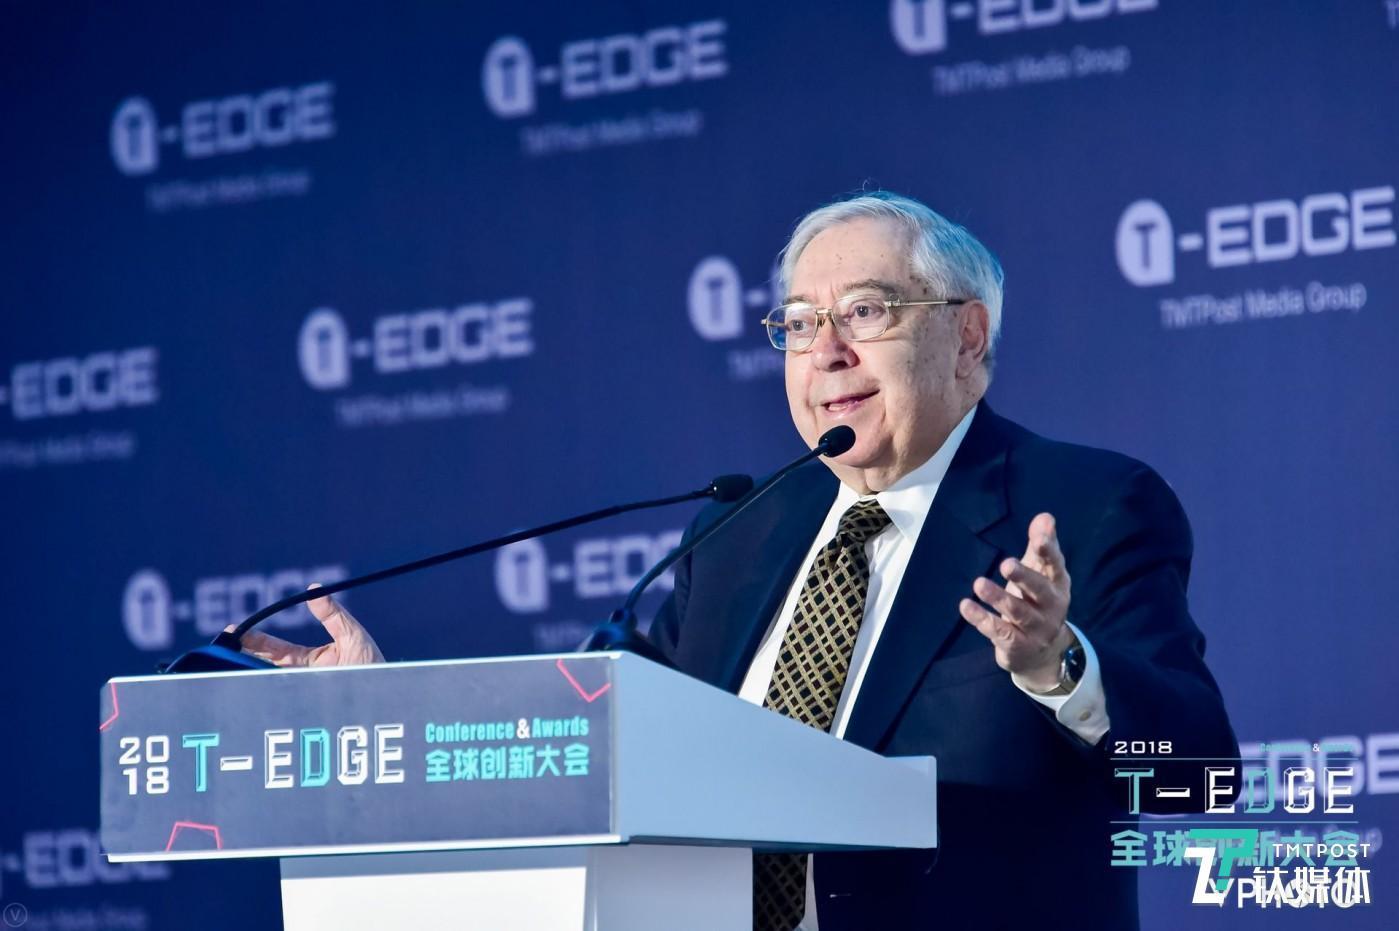 哈里·埃德尔森在钛媒体 2018 T-EDGE全球创新大会演讲